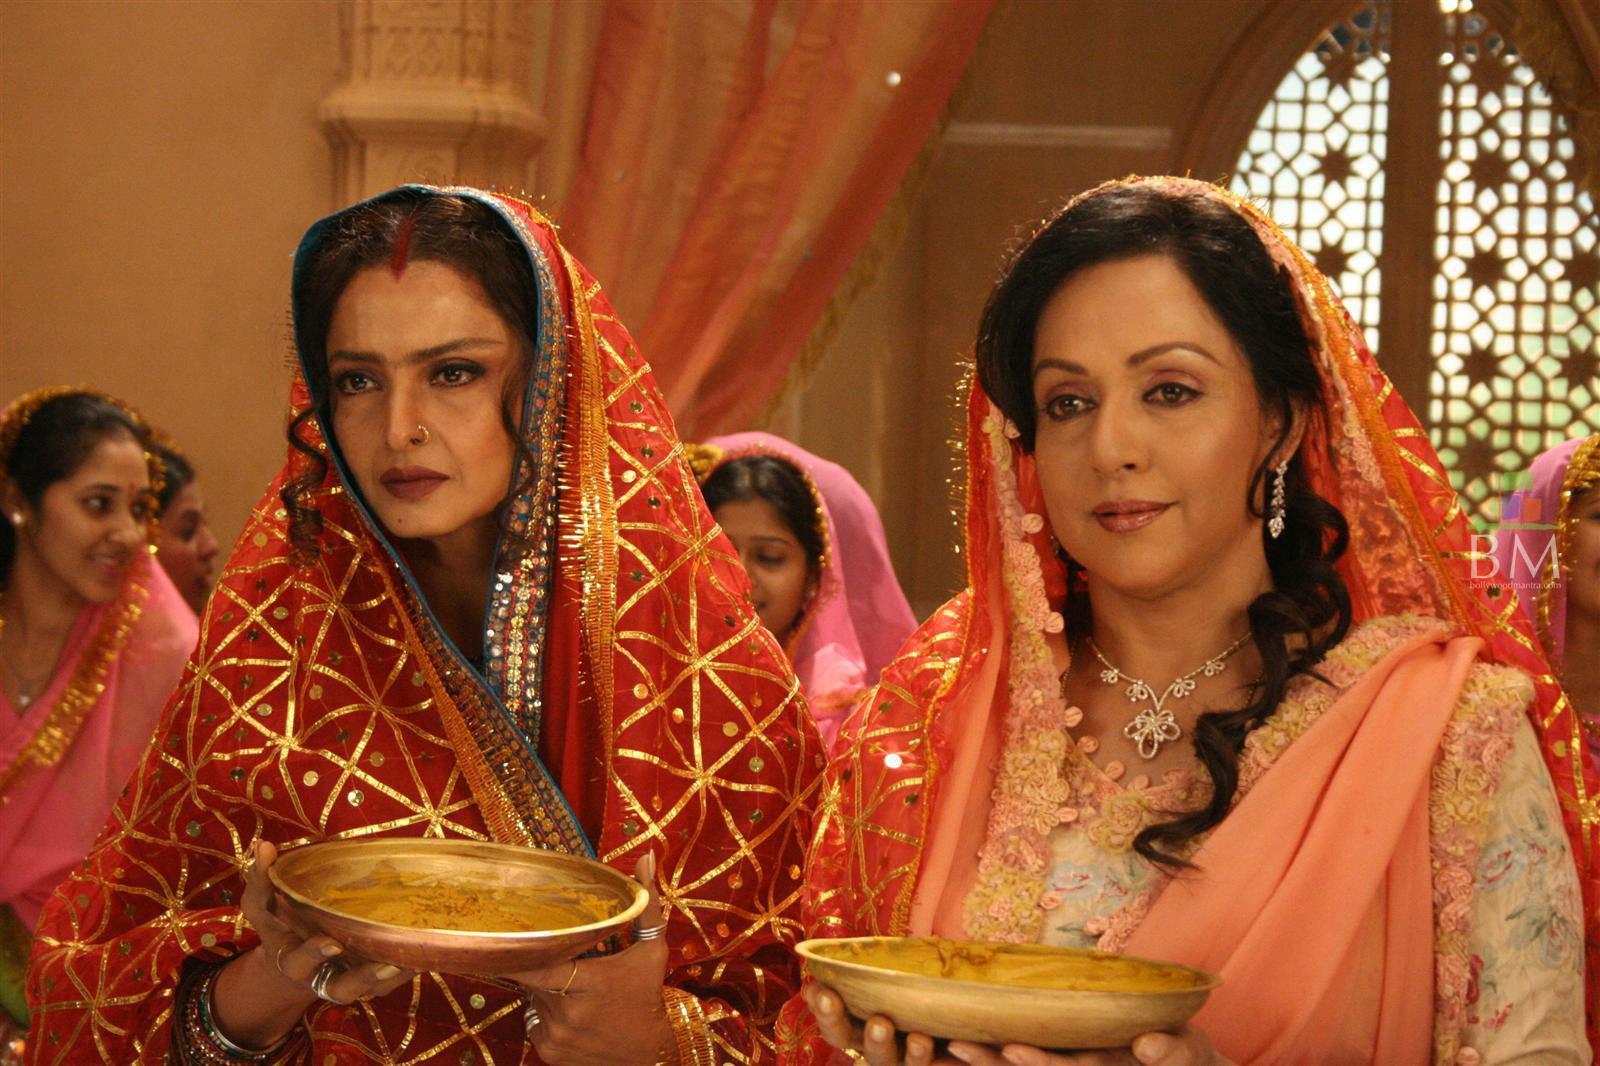 Смотреть онлайн бесплатно сестра индианка, Индийский фильм Сестры смотреть онлайн на русском 20 фотография